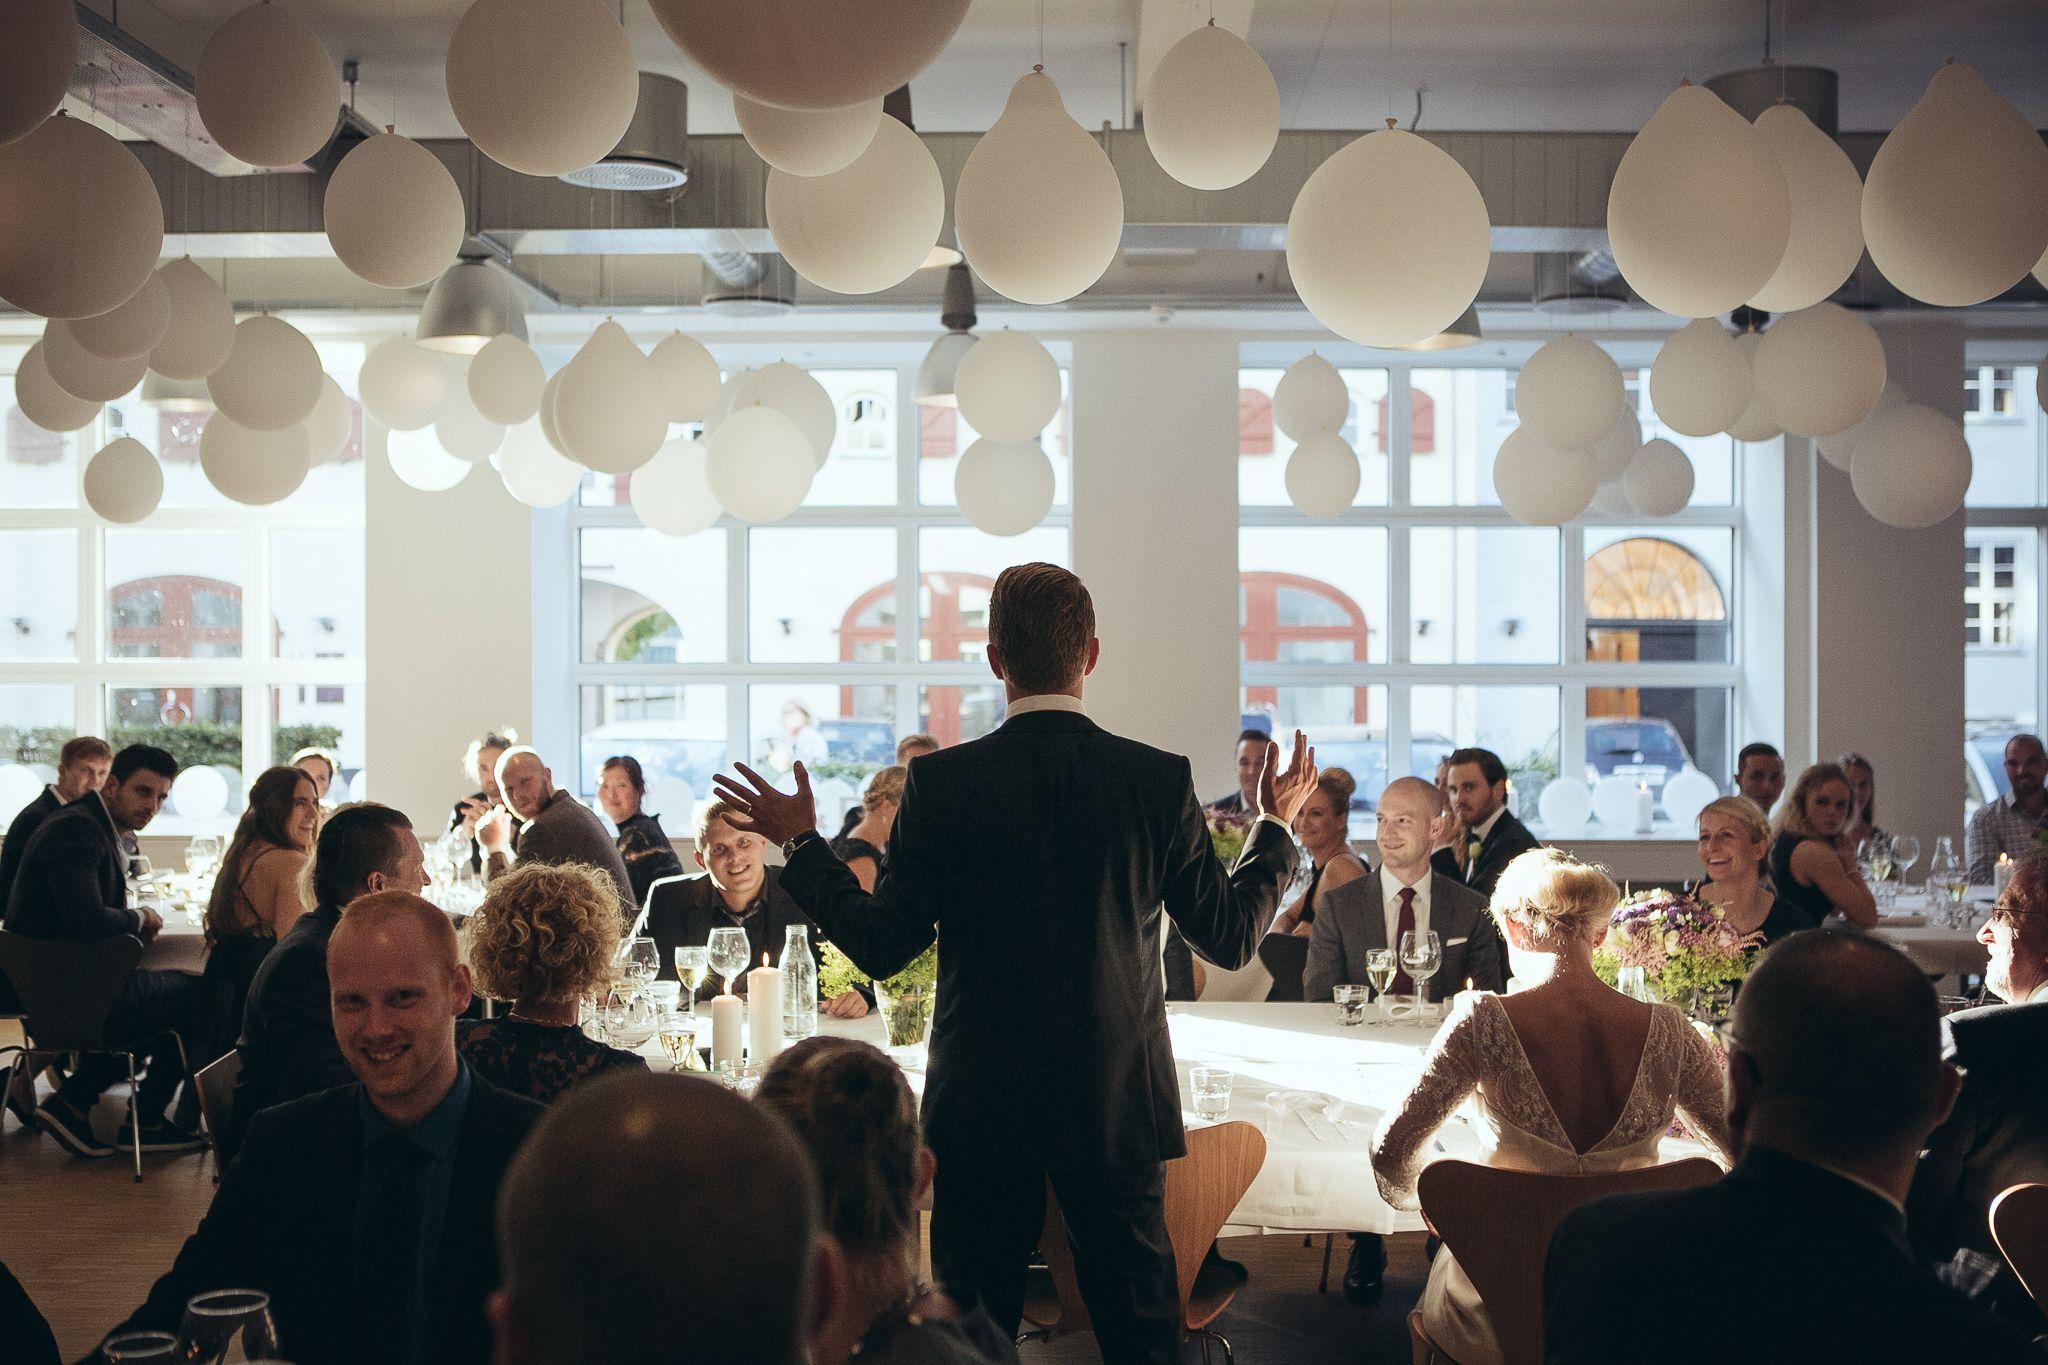 bryllupsbilleder_mads_eneqvist_38 Bryllupsbilleder